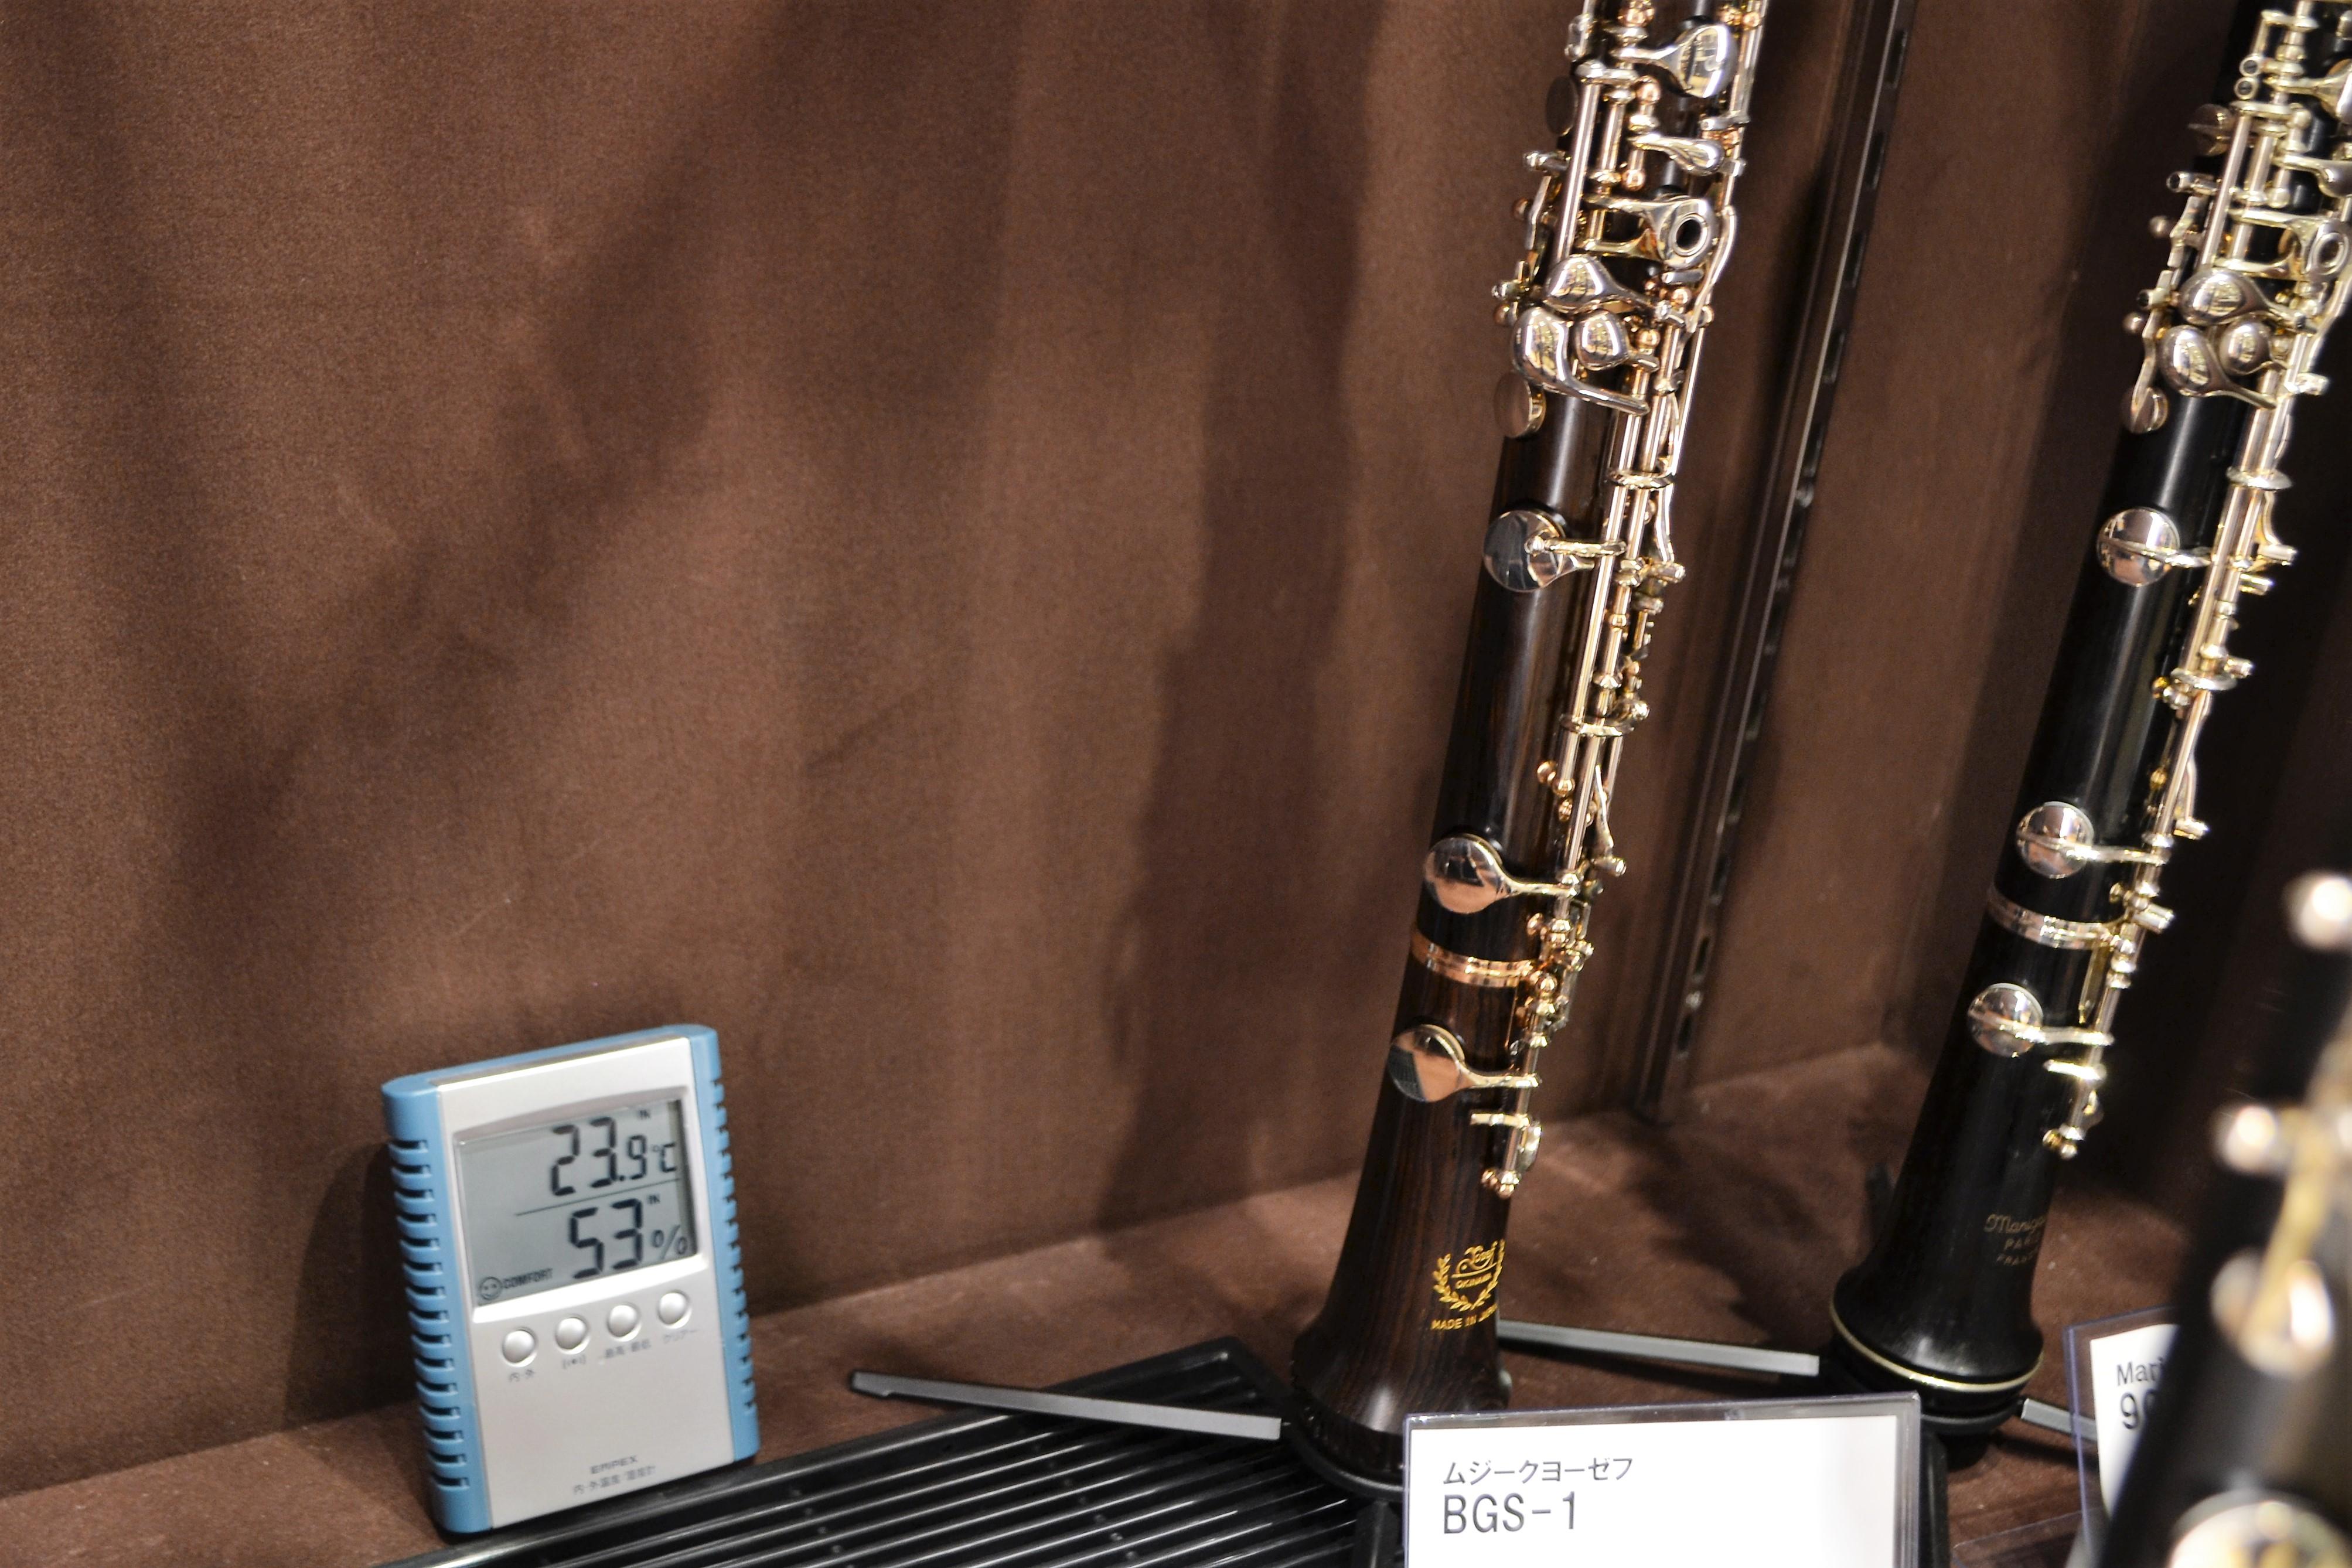 管楽器湿度管理のショーケース画像